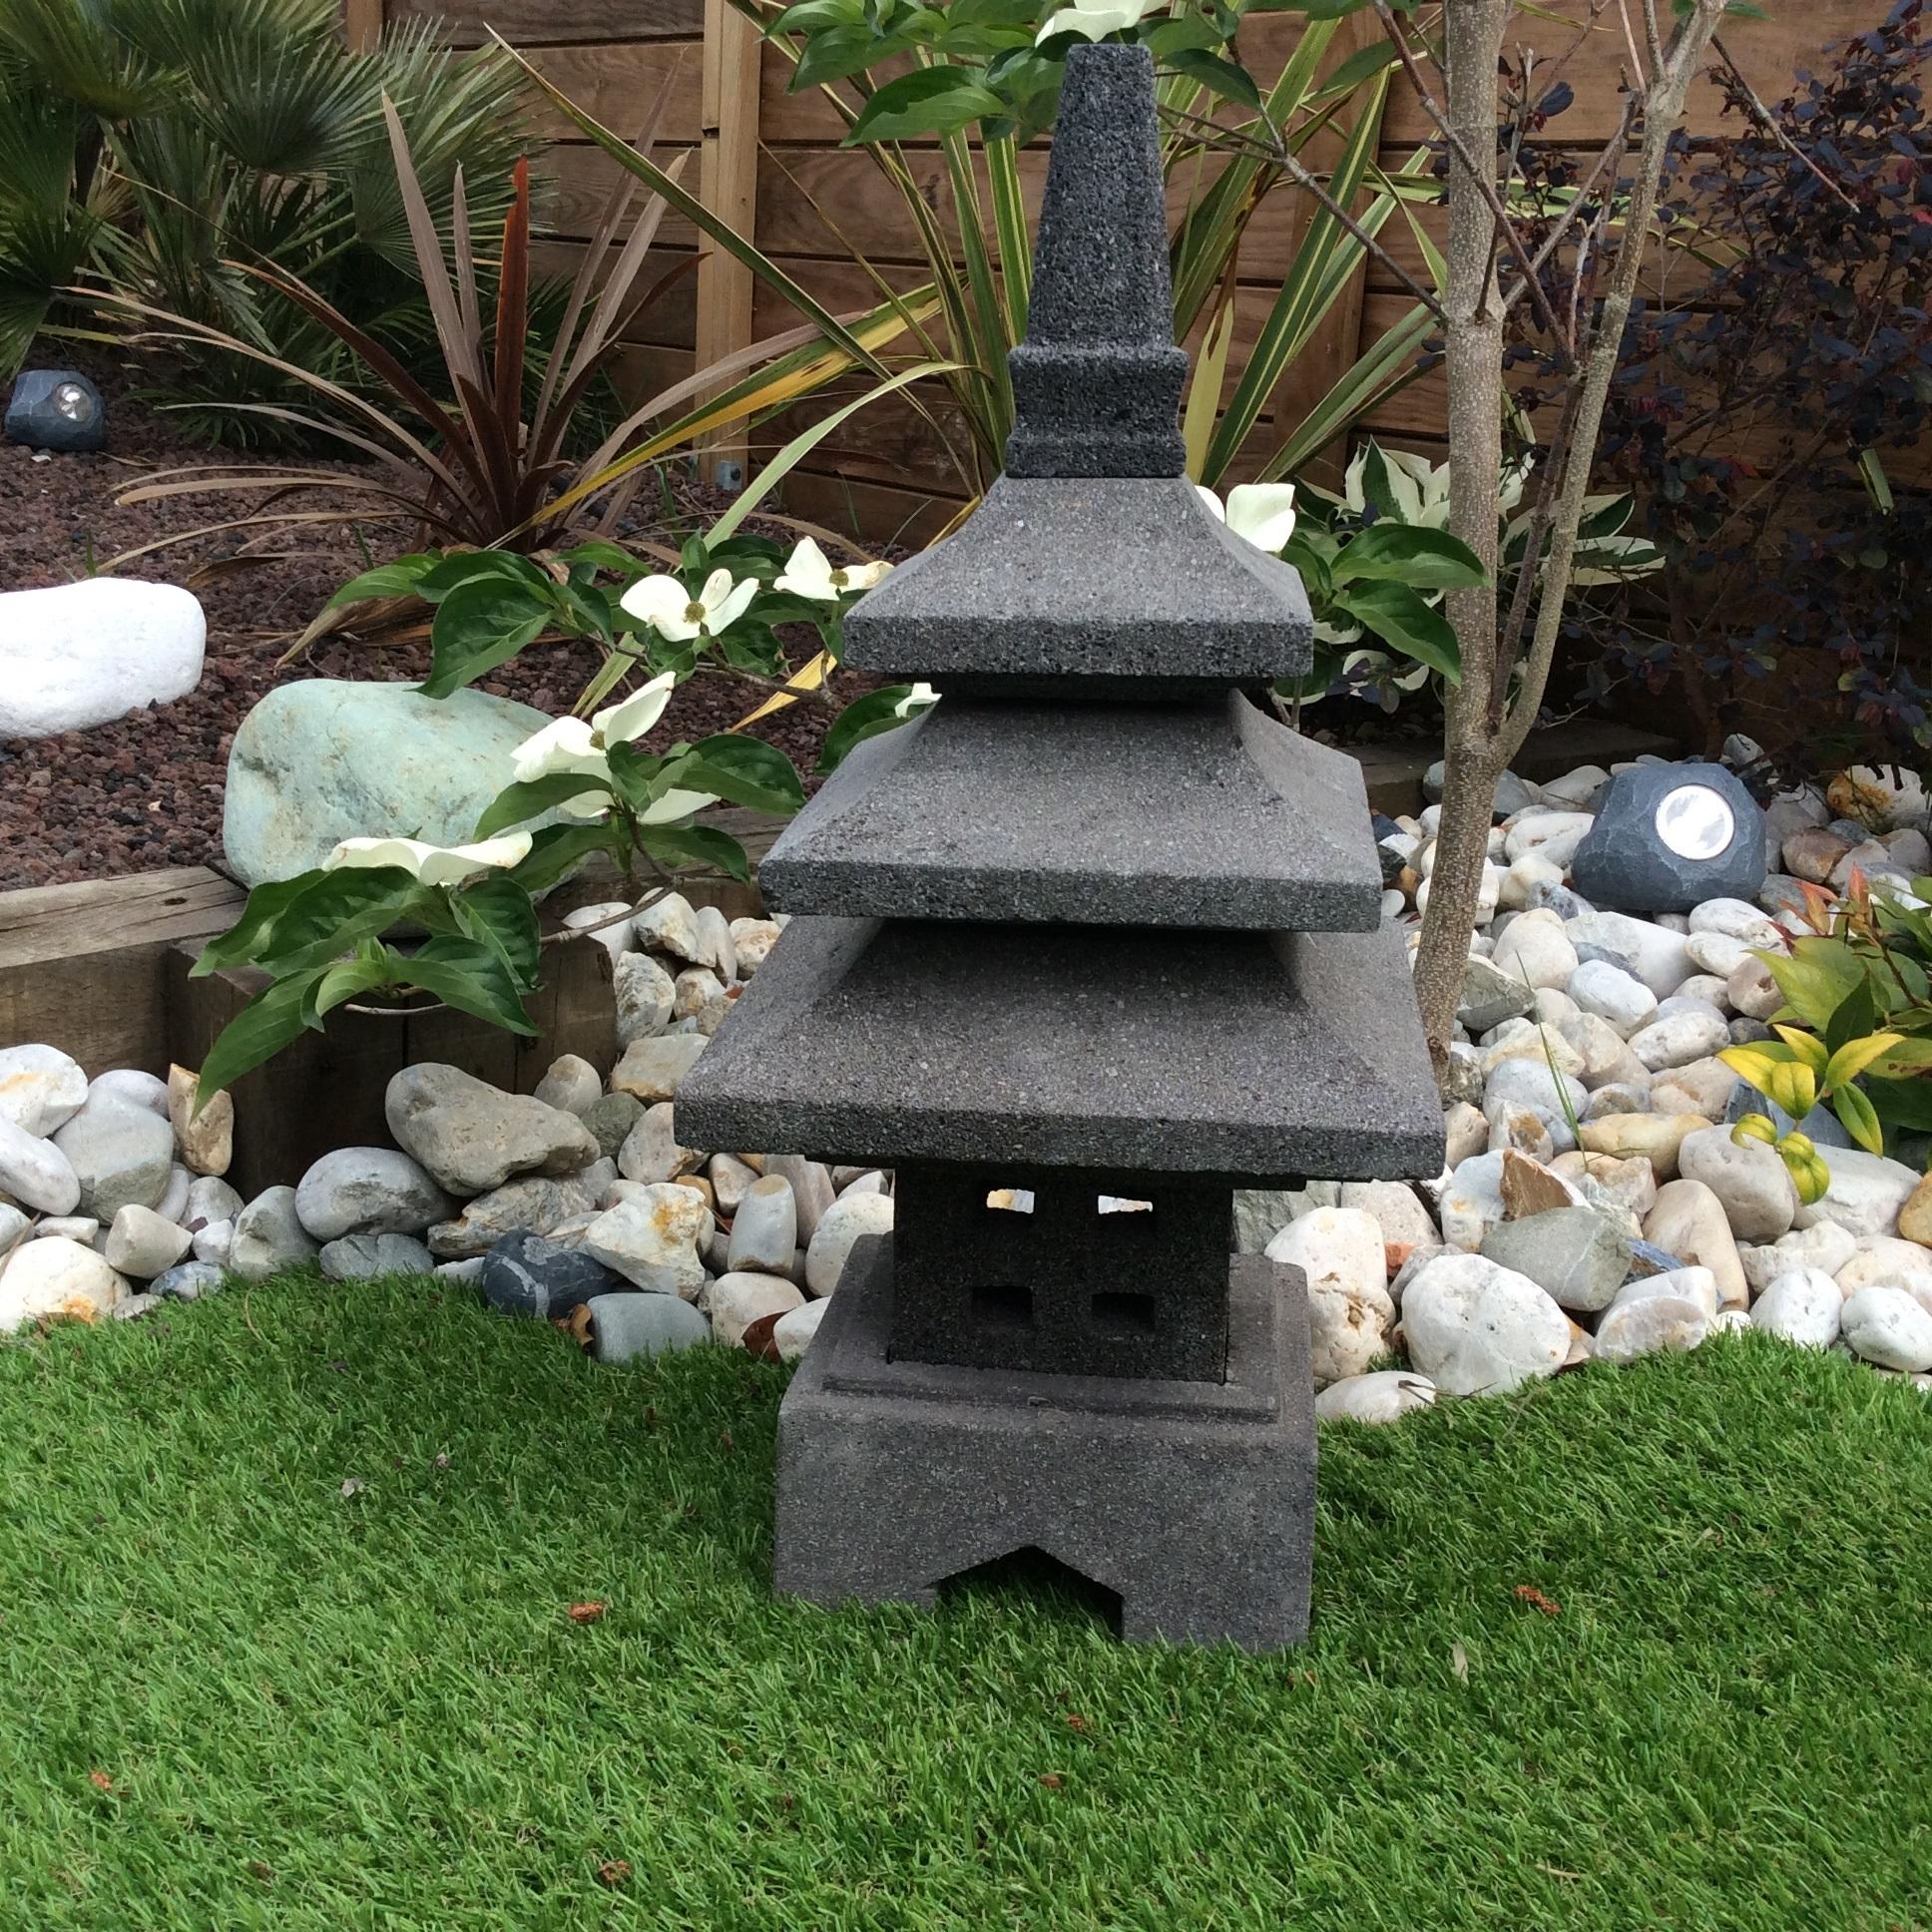 Lanterne Japonaise Jardin Zen Conception - Idees Conception ... avec Lanterne Pierre Jardin Japonais